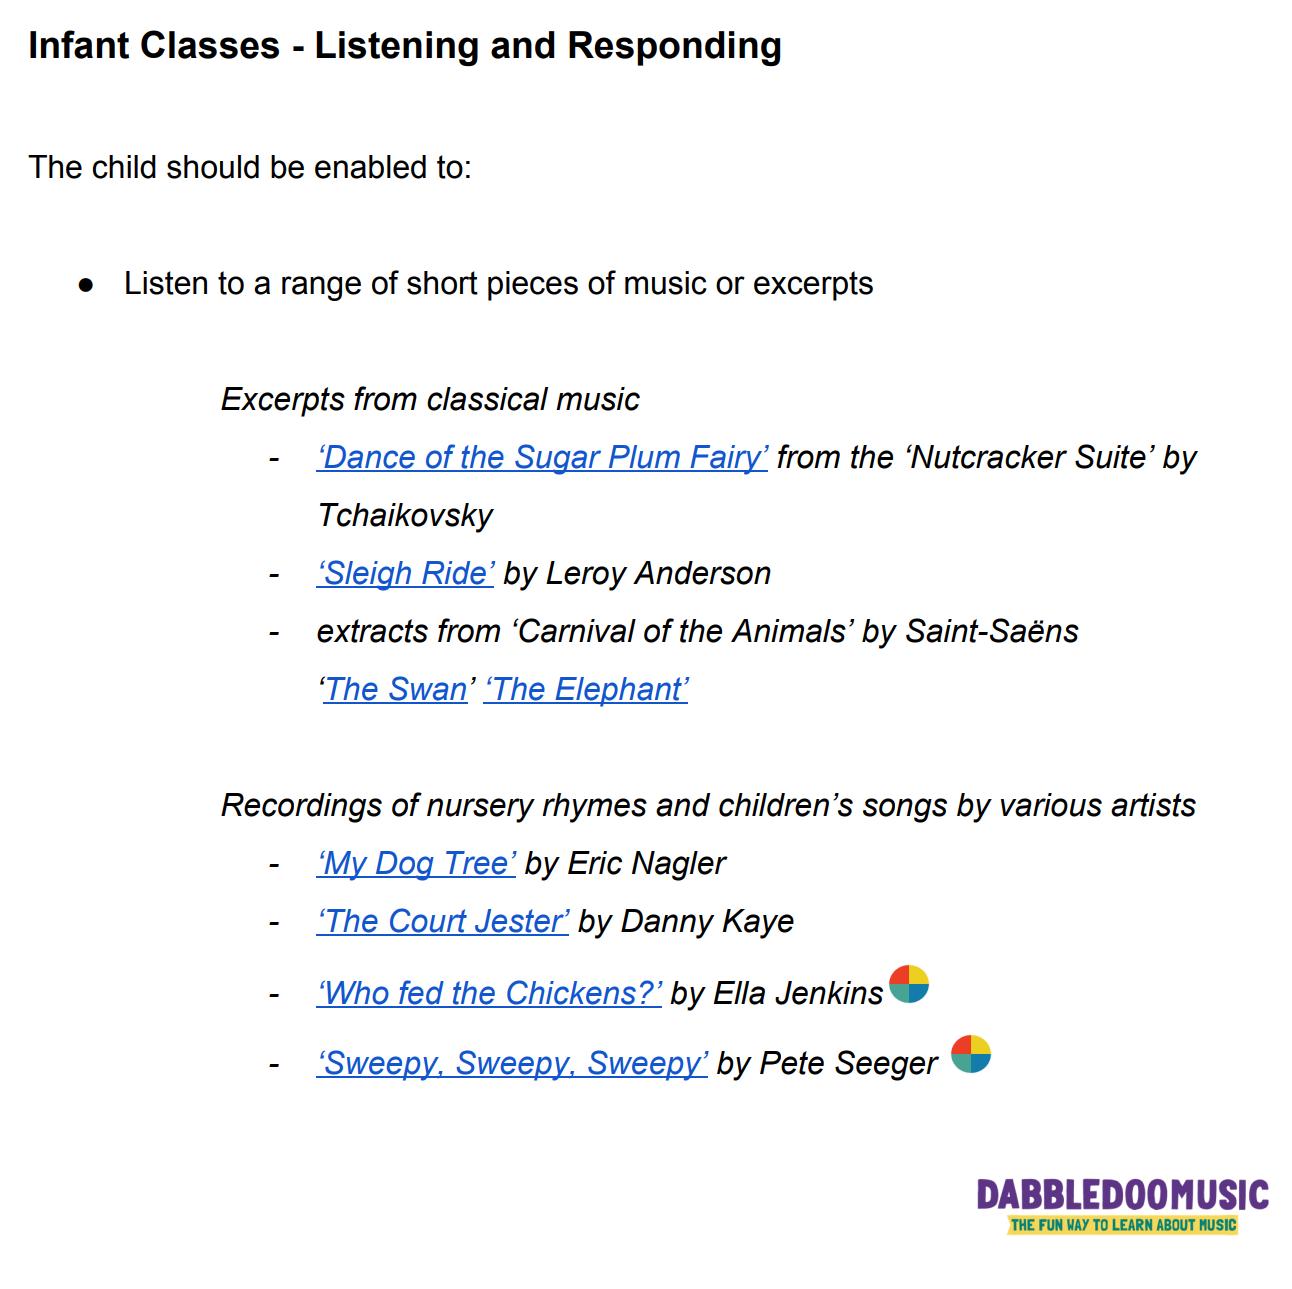 Listening and Responding - Irish Primary Music Curriculum